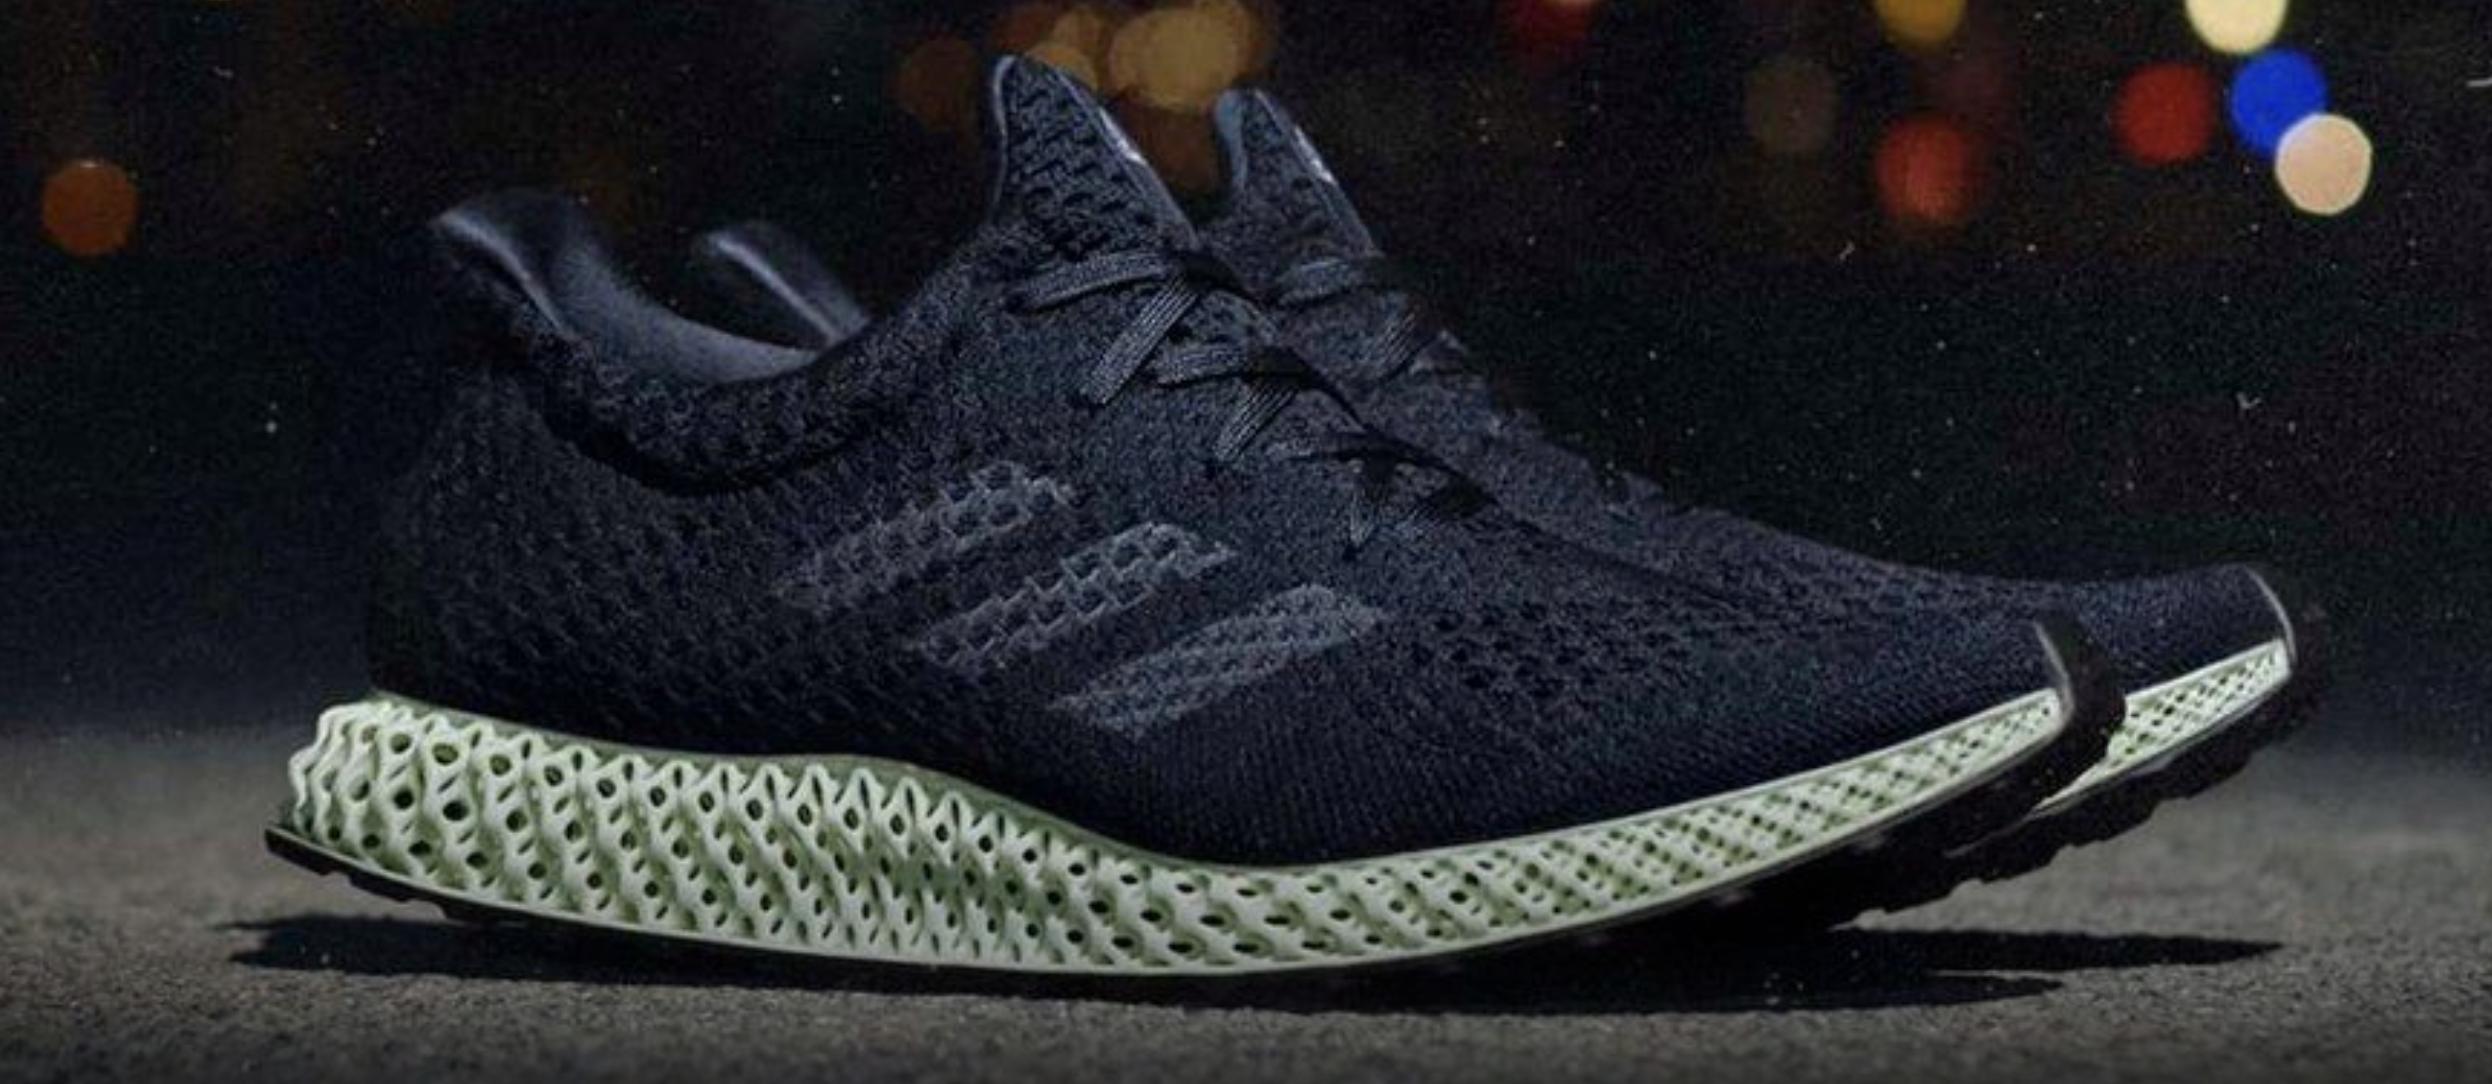 Fashion tipărit 3D: pantofi realizați prin fabricarea aditivată